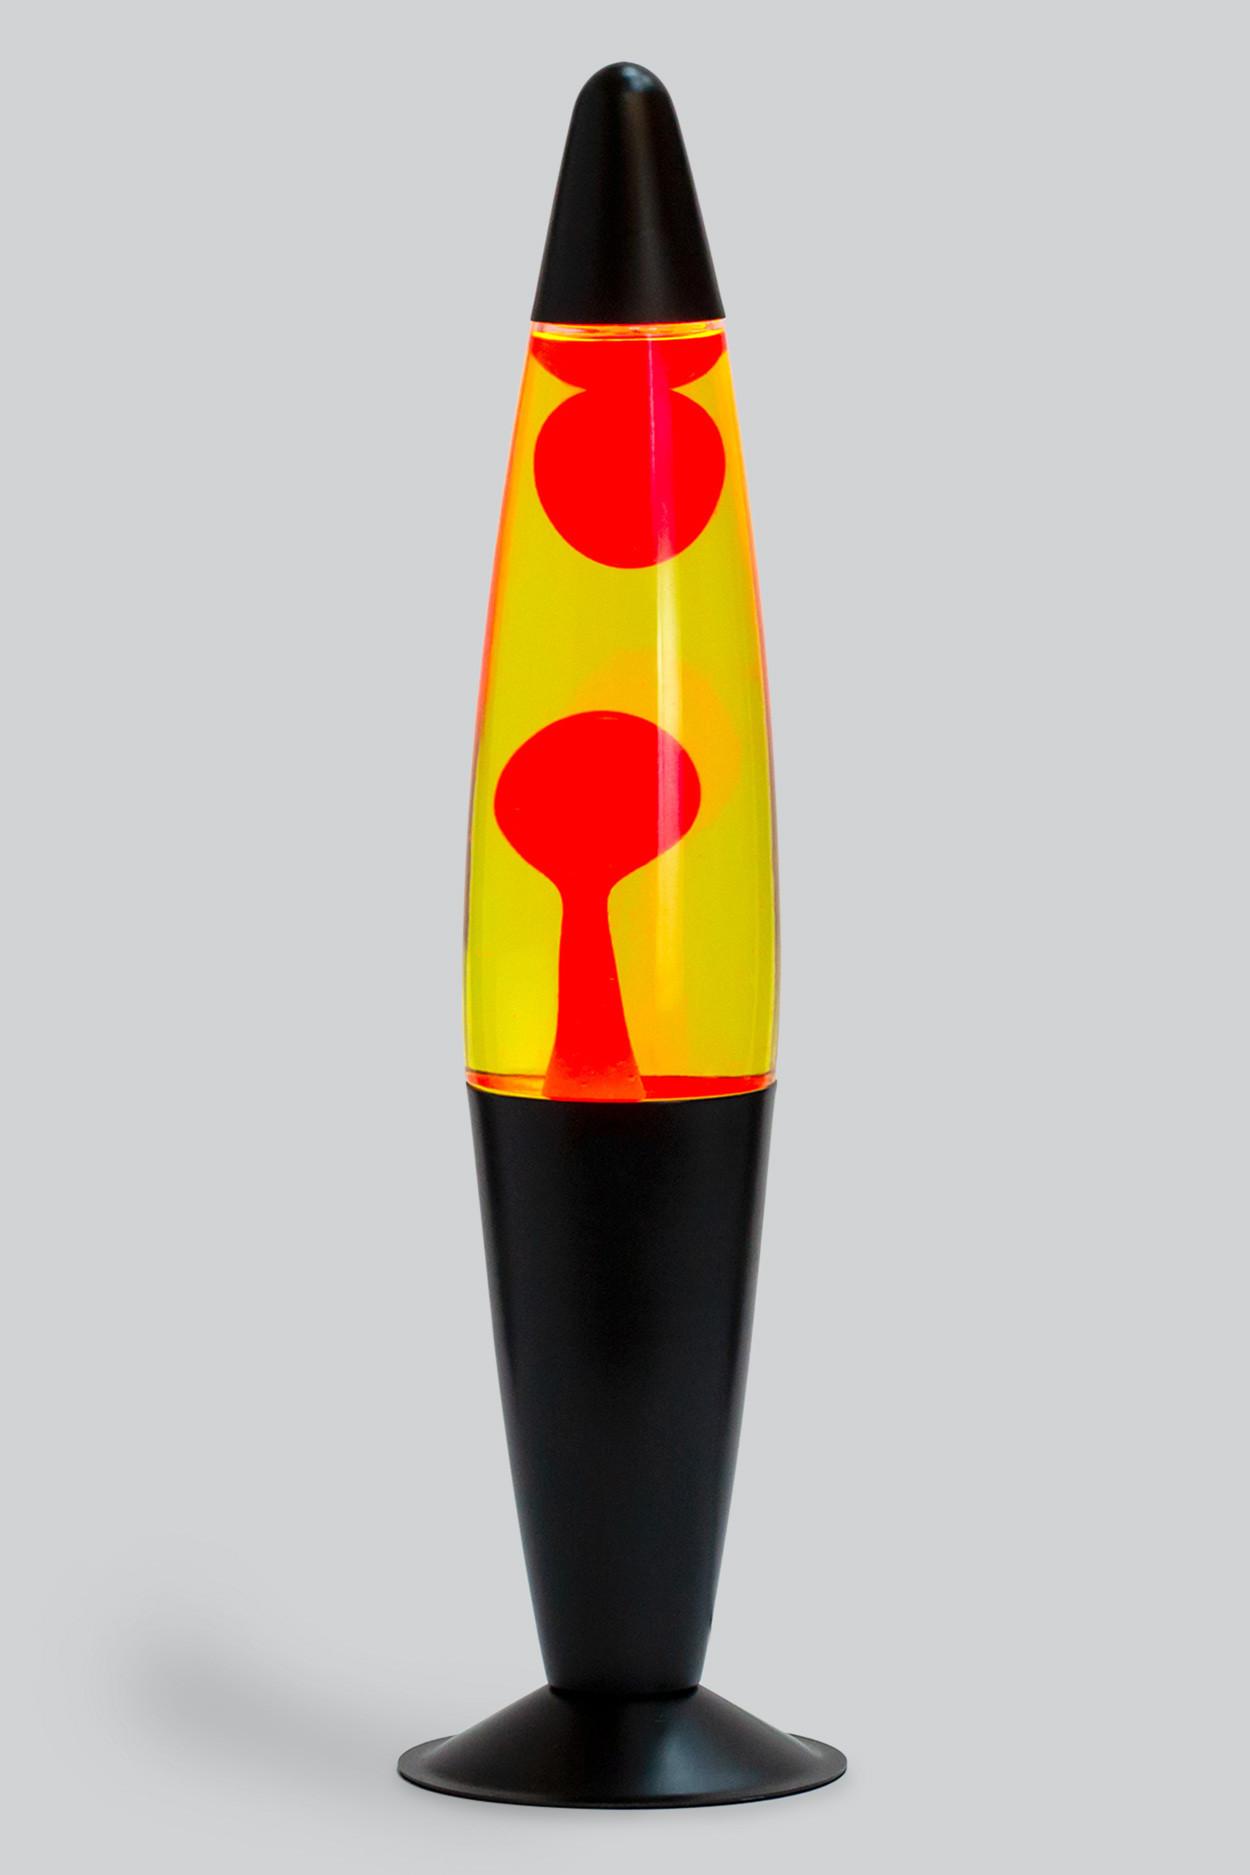 Лава-лампа 41см Красная/Жёлтая (Воск) Black